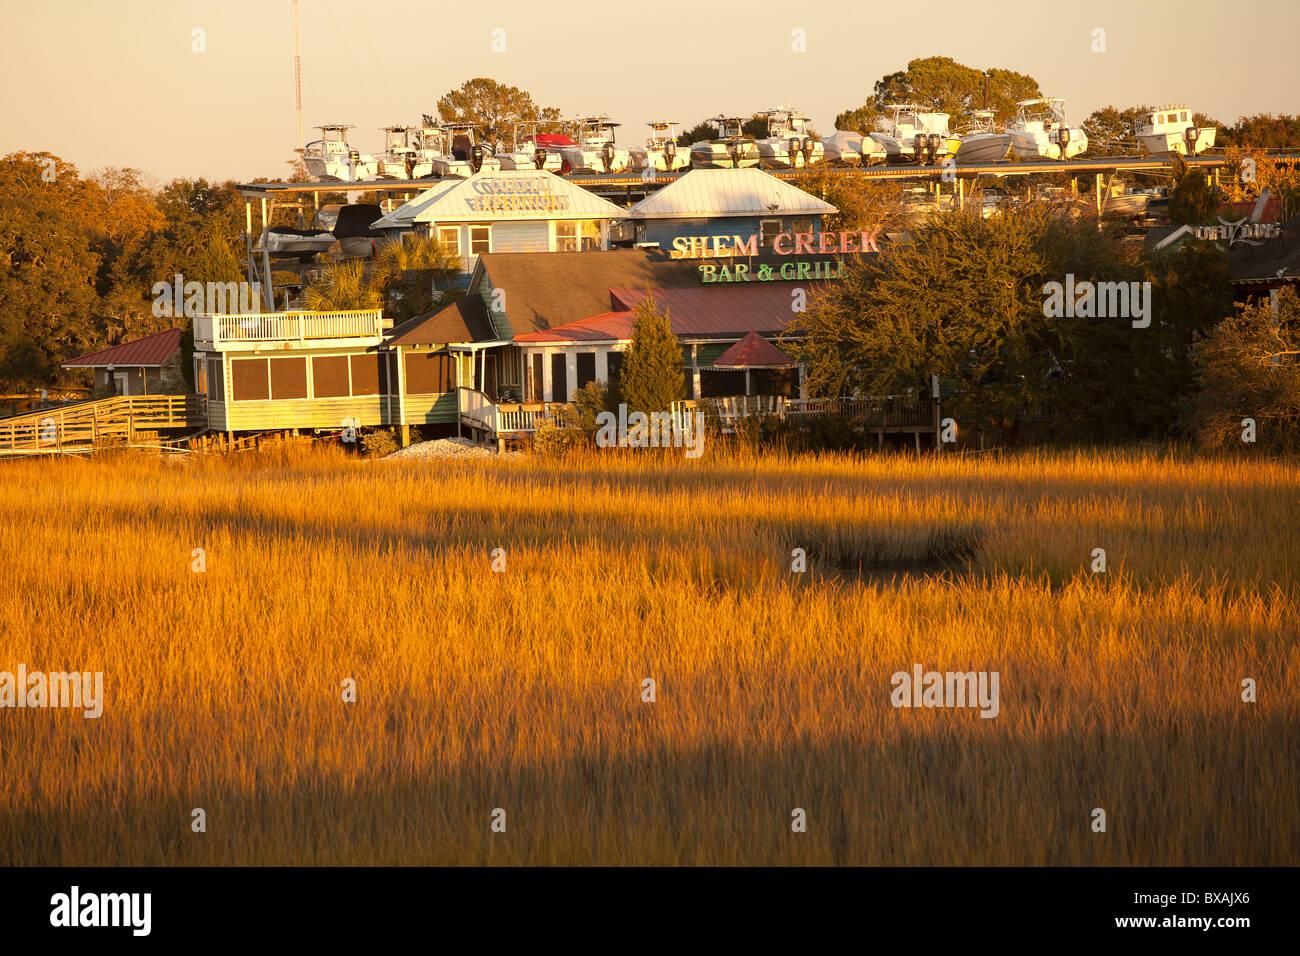 Coucher de soleil sur le marais Shem Creek à Mt Pleasant, SC. Photo Stock